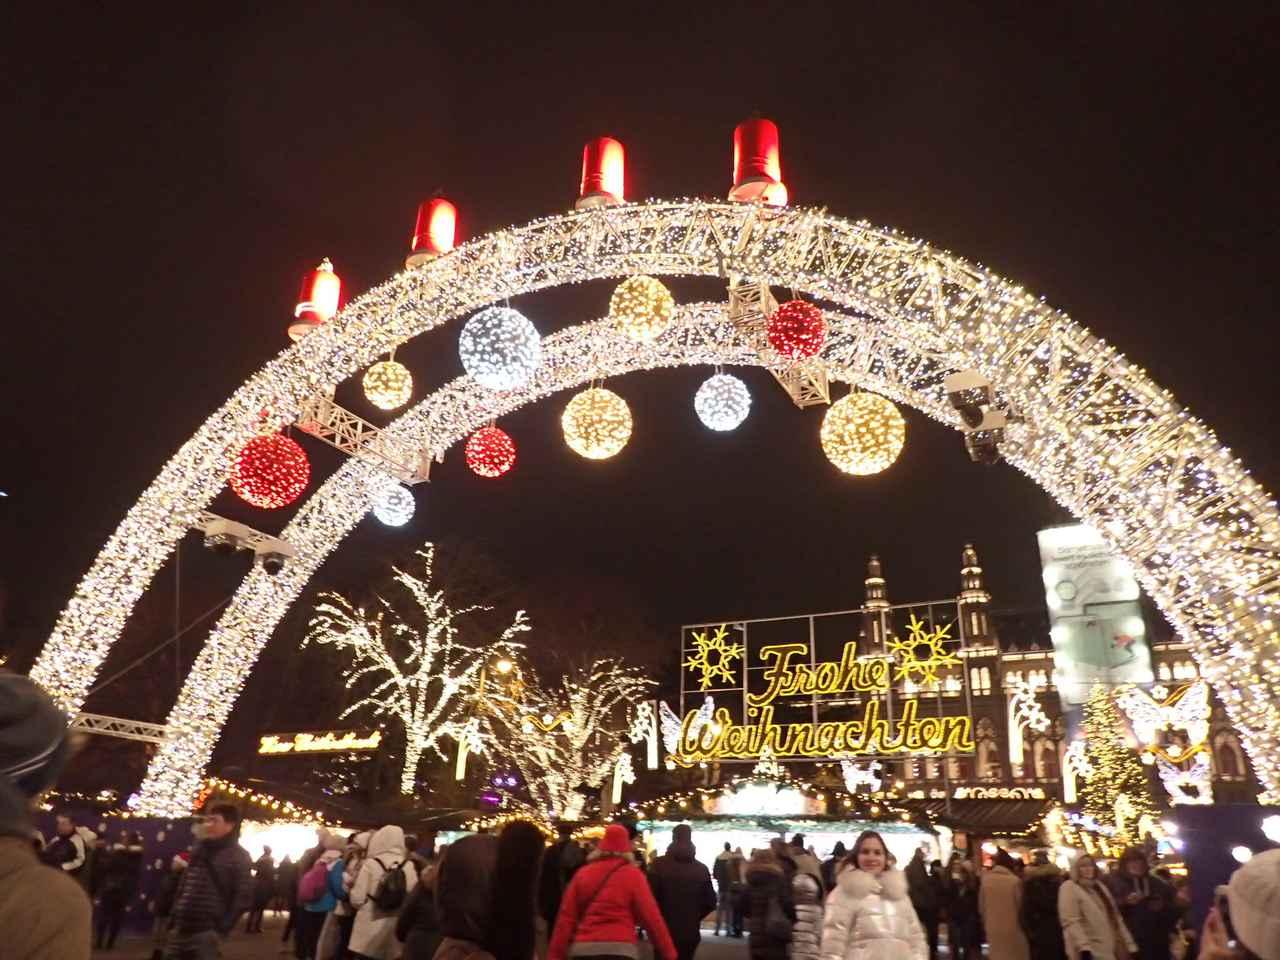 画像: ウィーン市庁舎前のクリスマスマーケット(弊社スタッフ撮影)